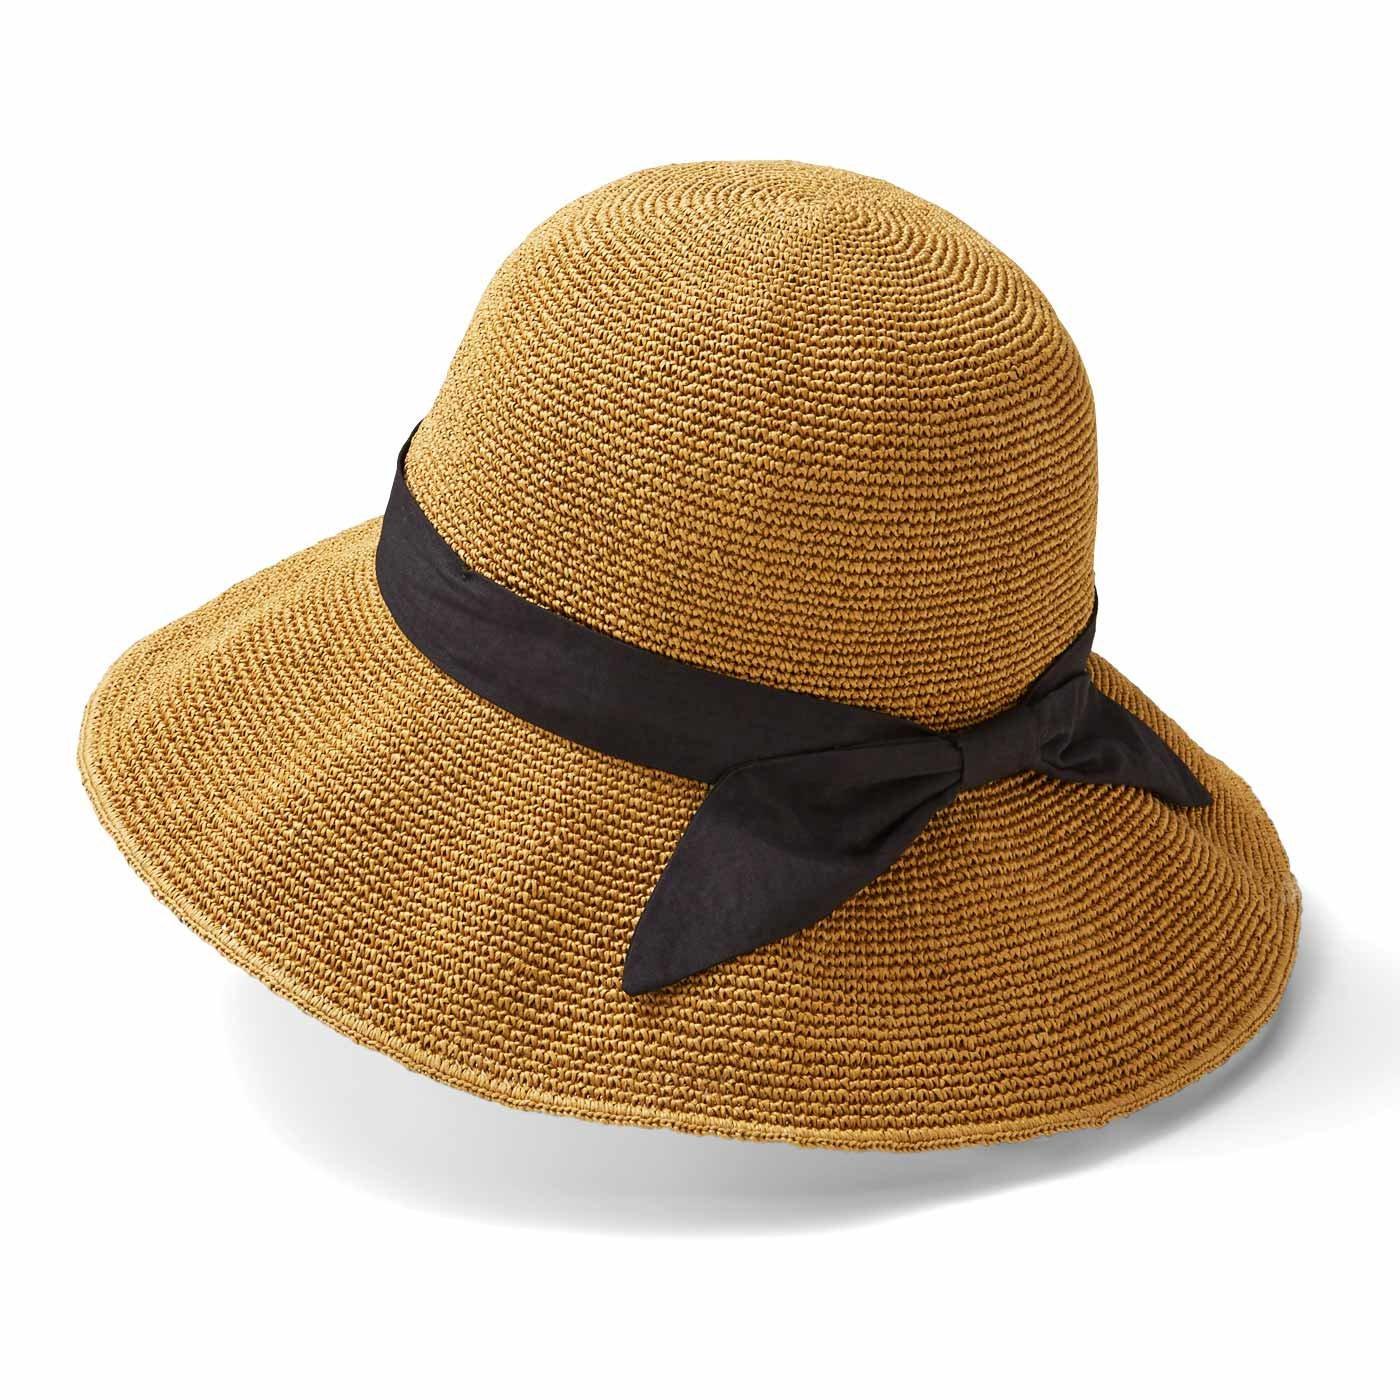 リブ イン コンフォート 涼やかに風が通る 上品つば広帽子〈ナチュラルベージュ〉